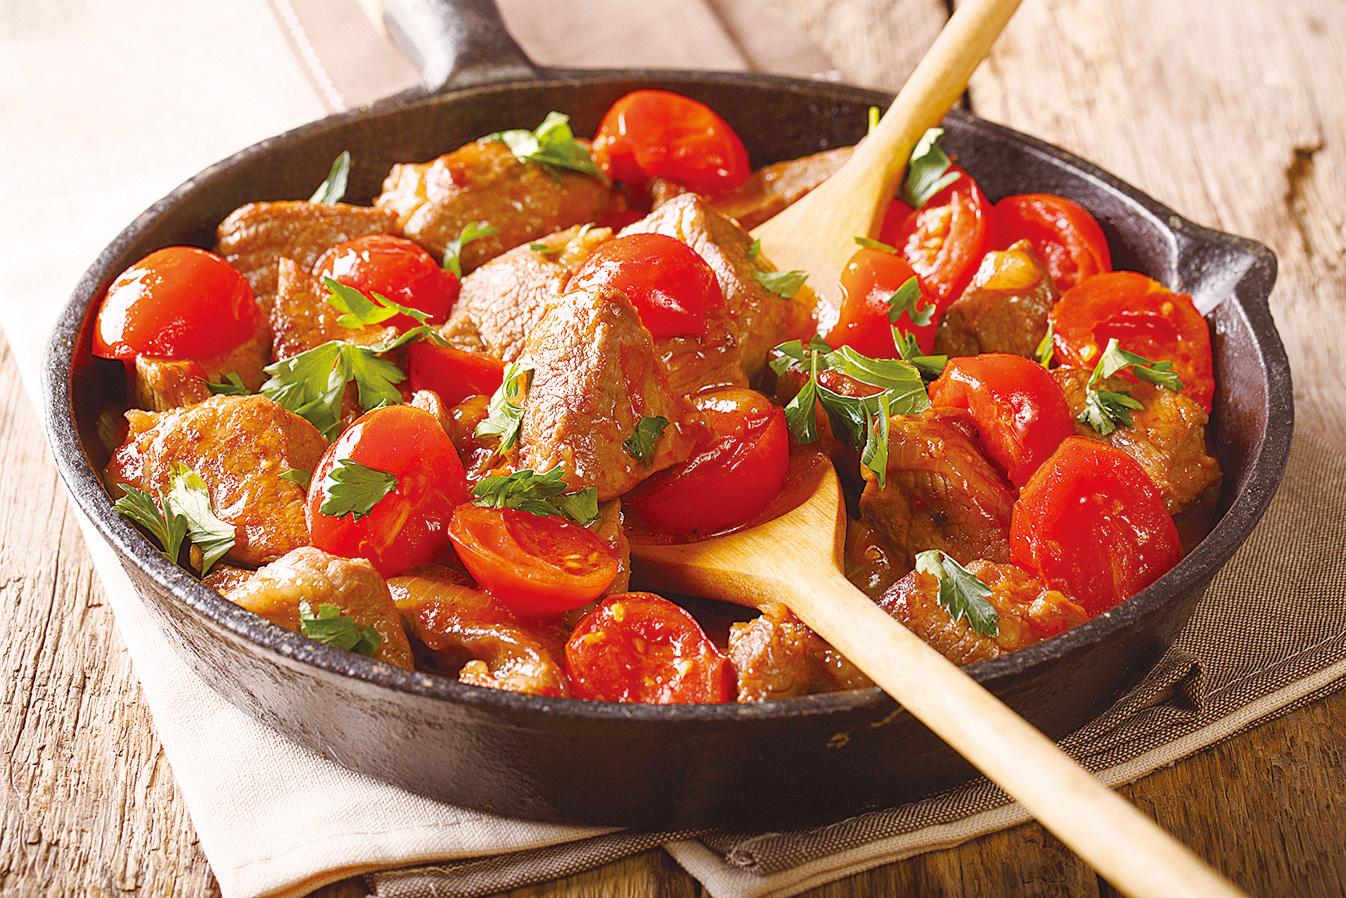 哈佛大學研究發現,番茄經加熱與加油烹調後,其抗病功效更勝一籌。